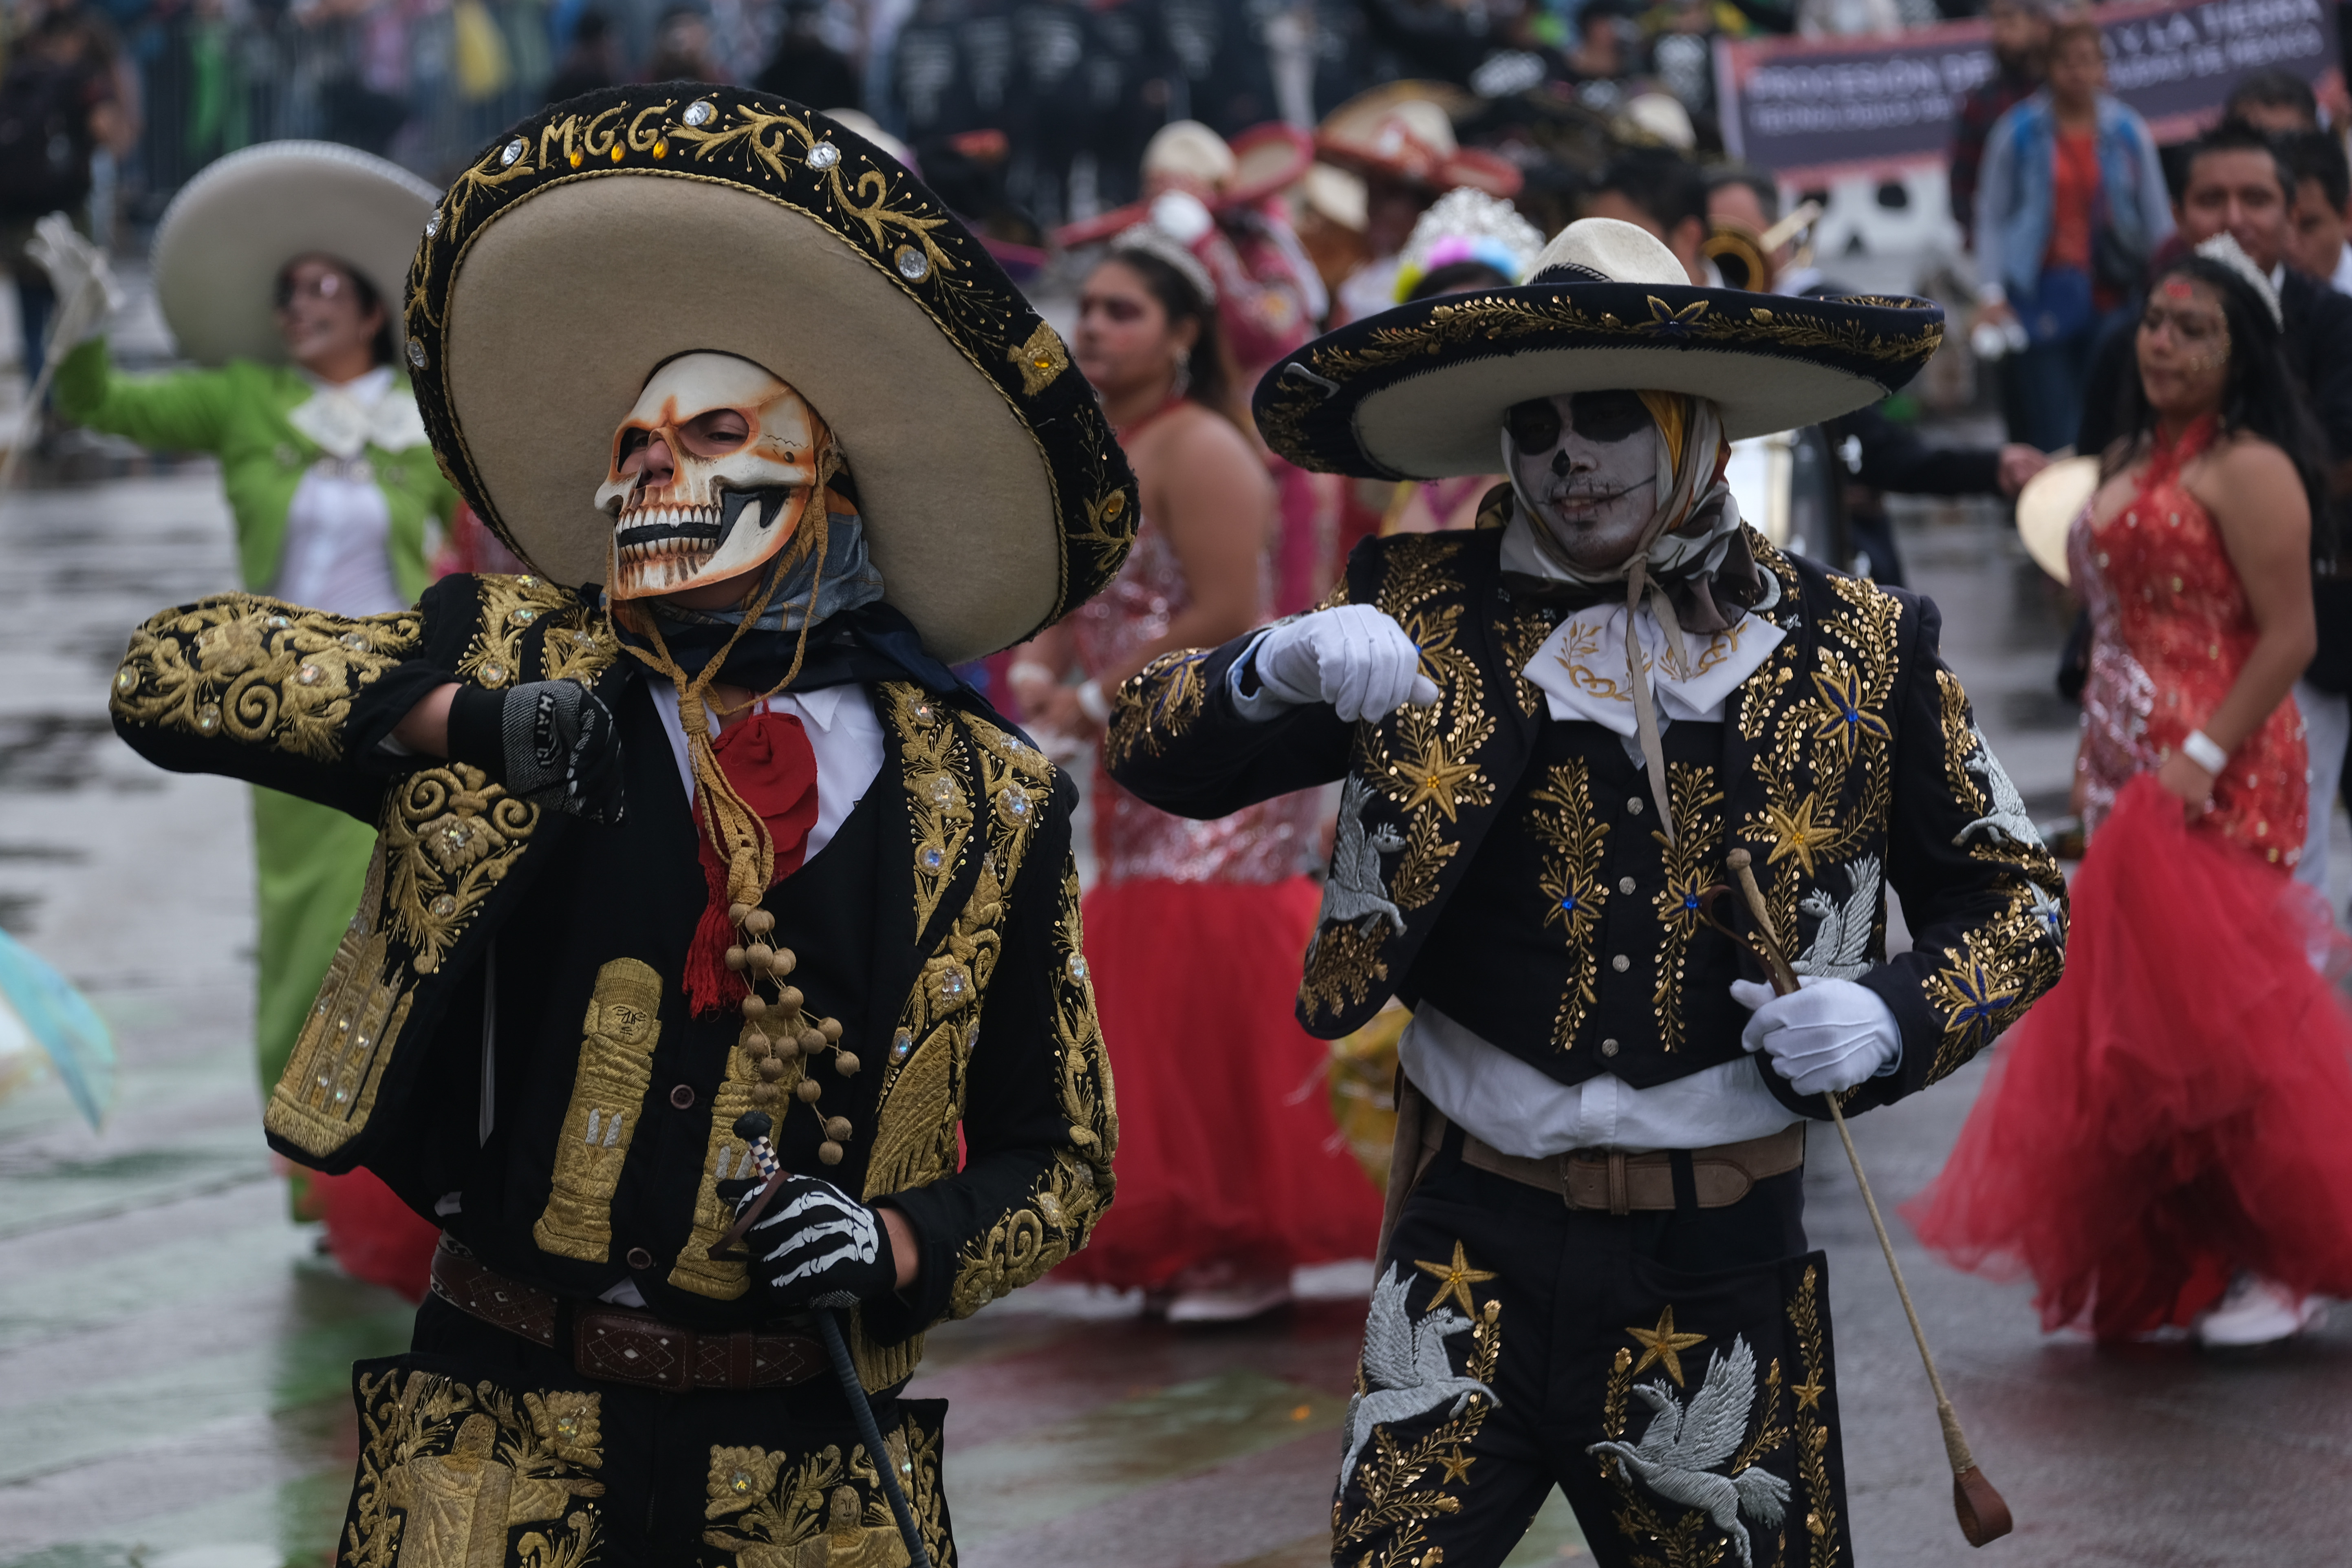 Los mariachis también participaron en las festividades (Foto: Graciela López/Cuartoscuro)